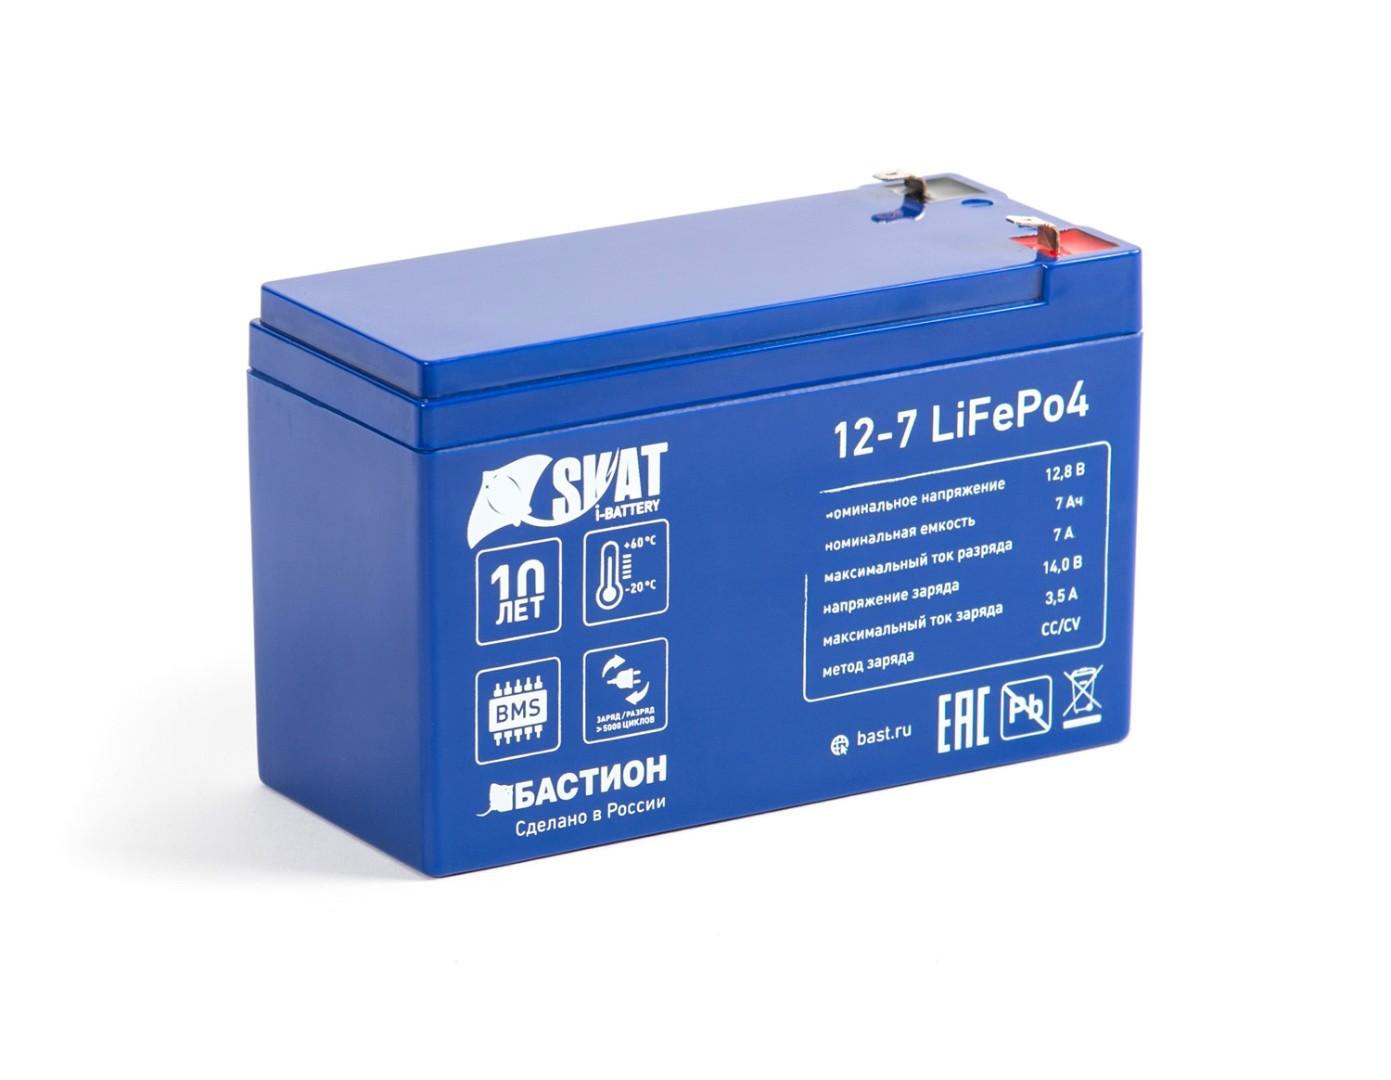 Skat i-Battery 12-7 LiFePo4